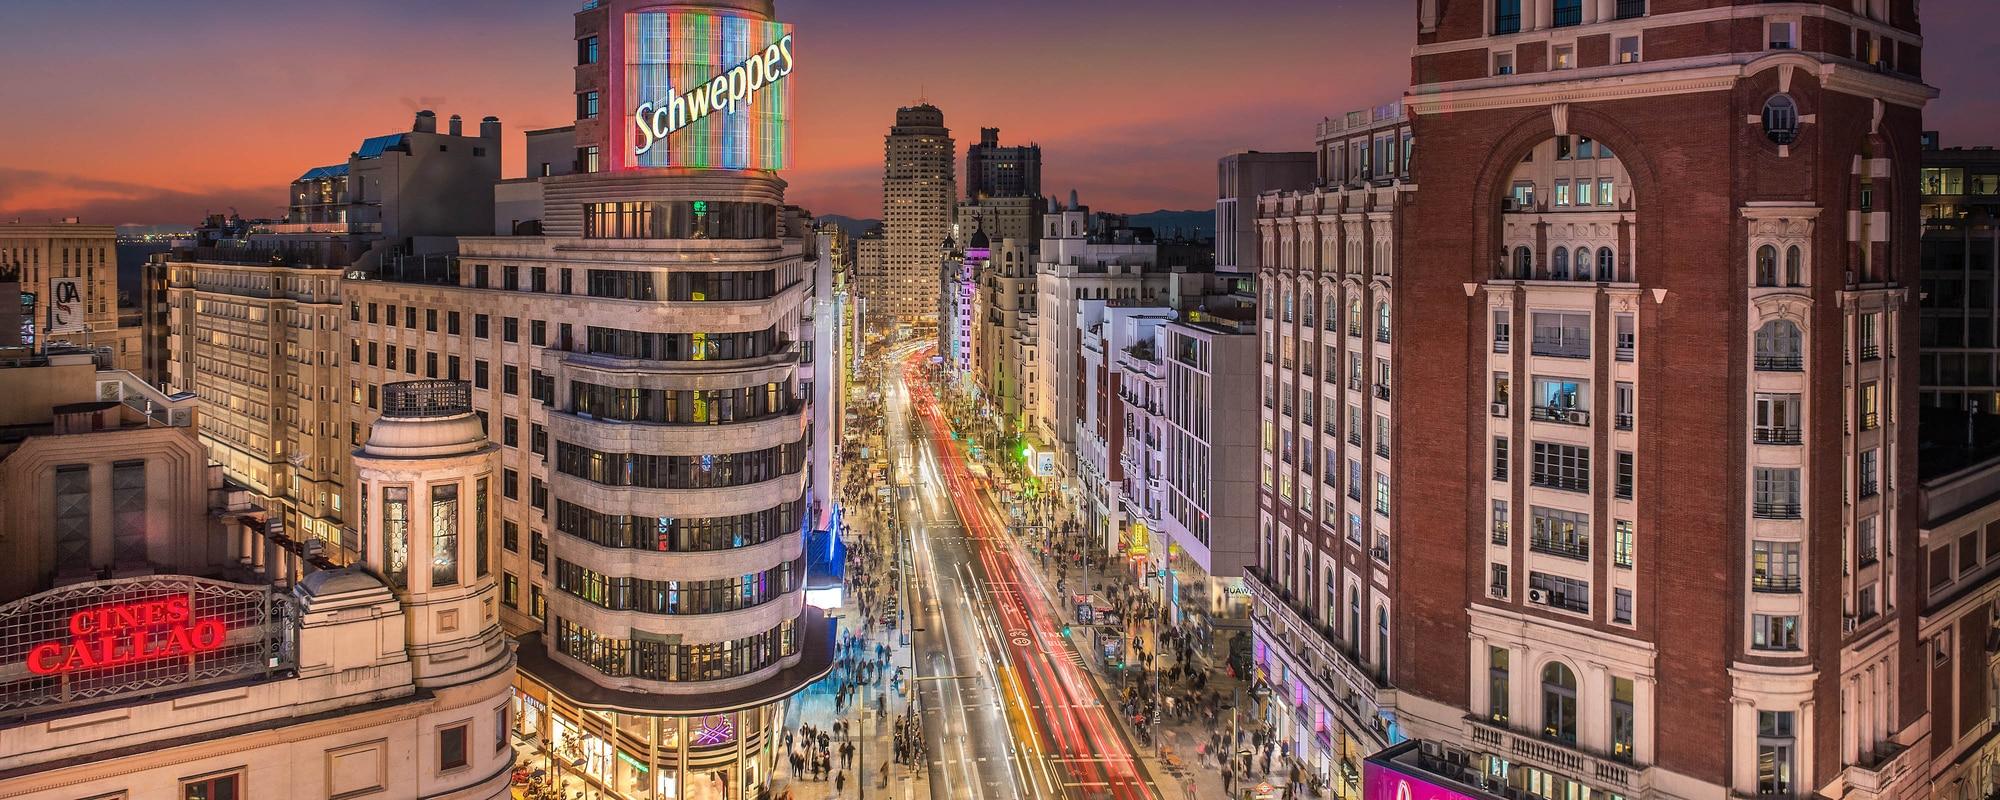 Aloft Madrid Gran Via Premium Hotel In The Center Of Madrid